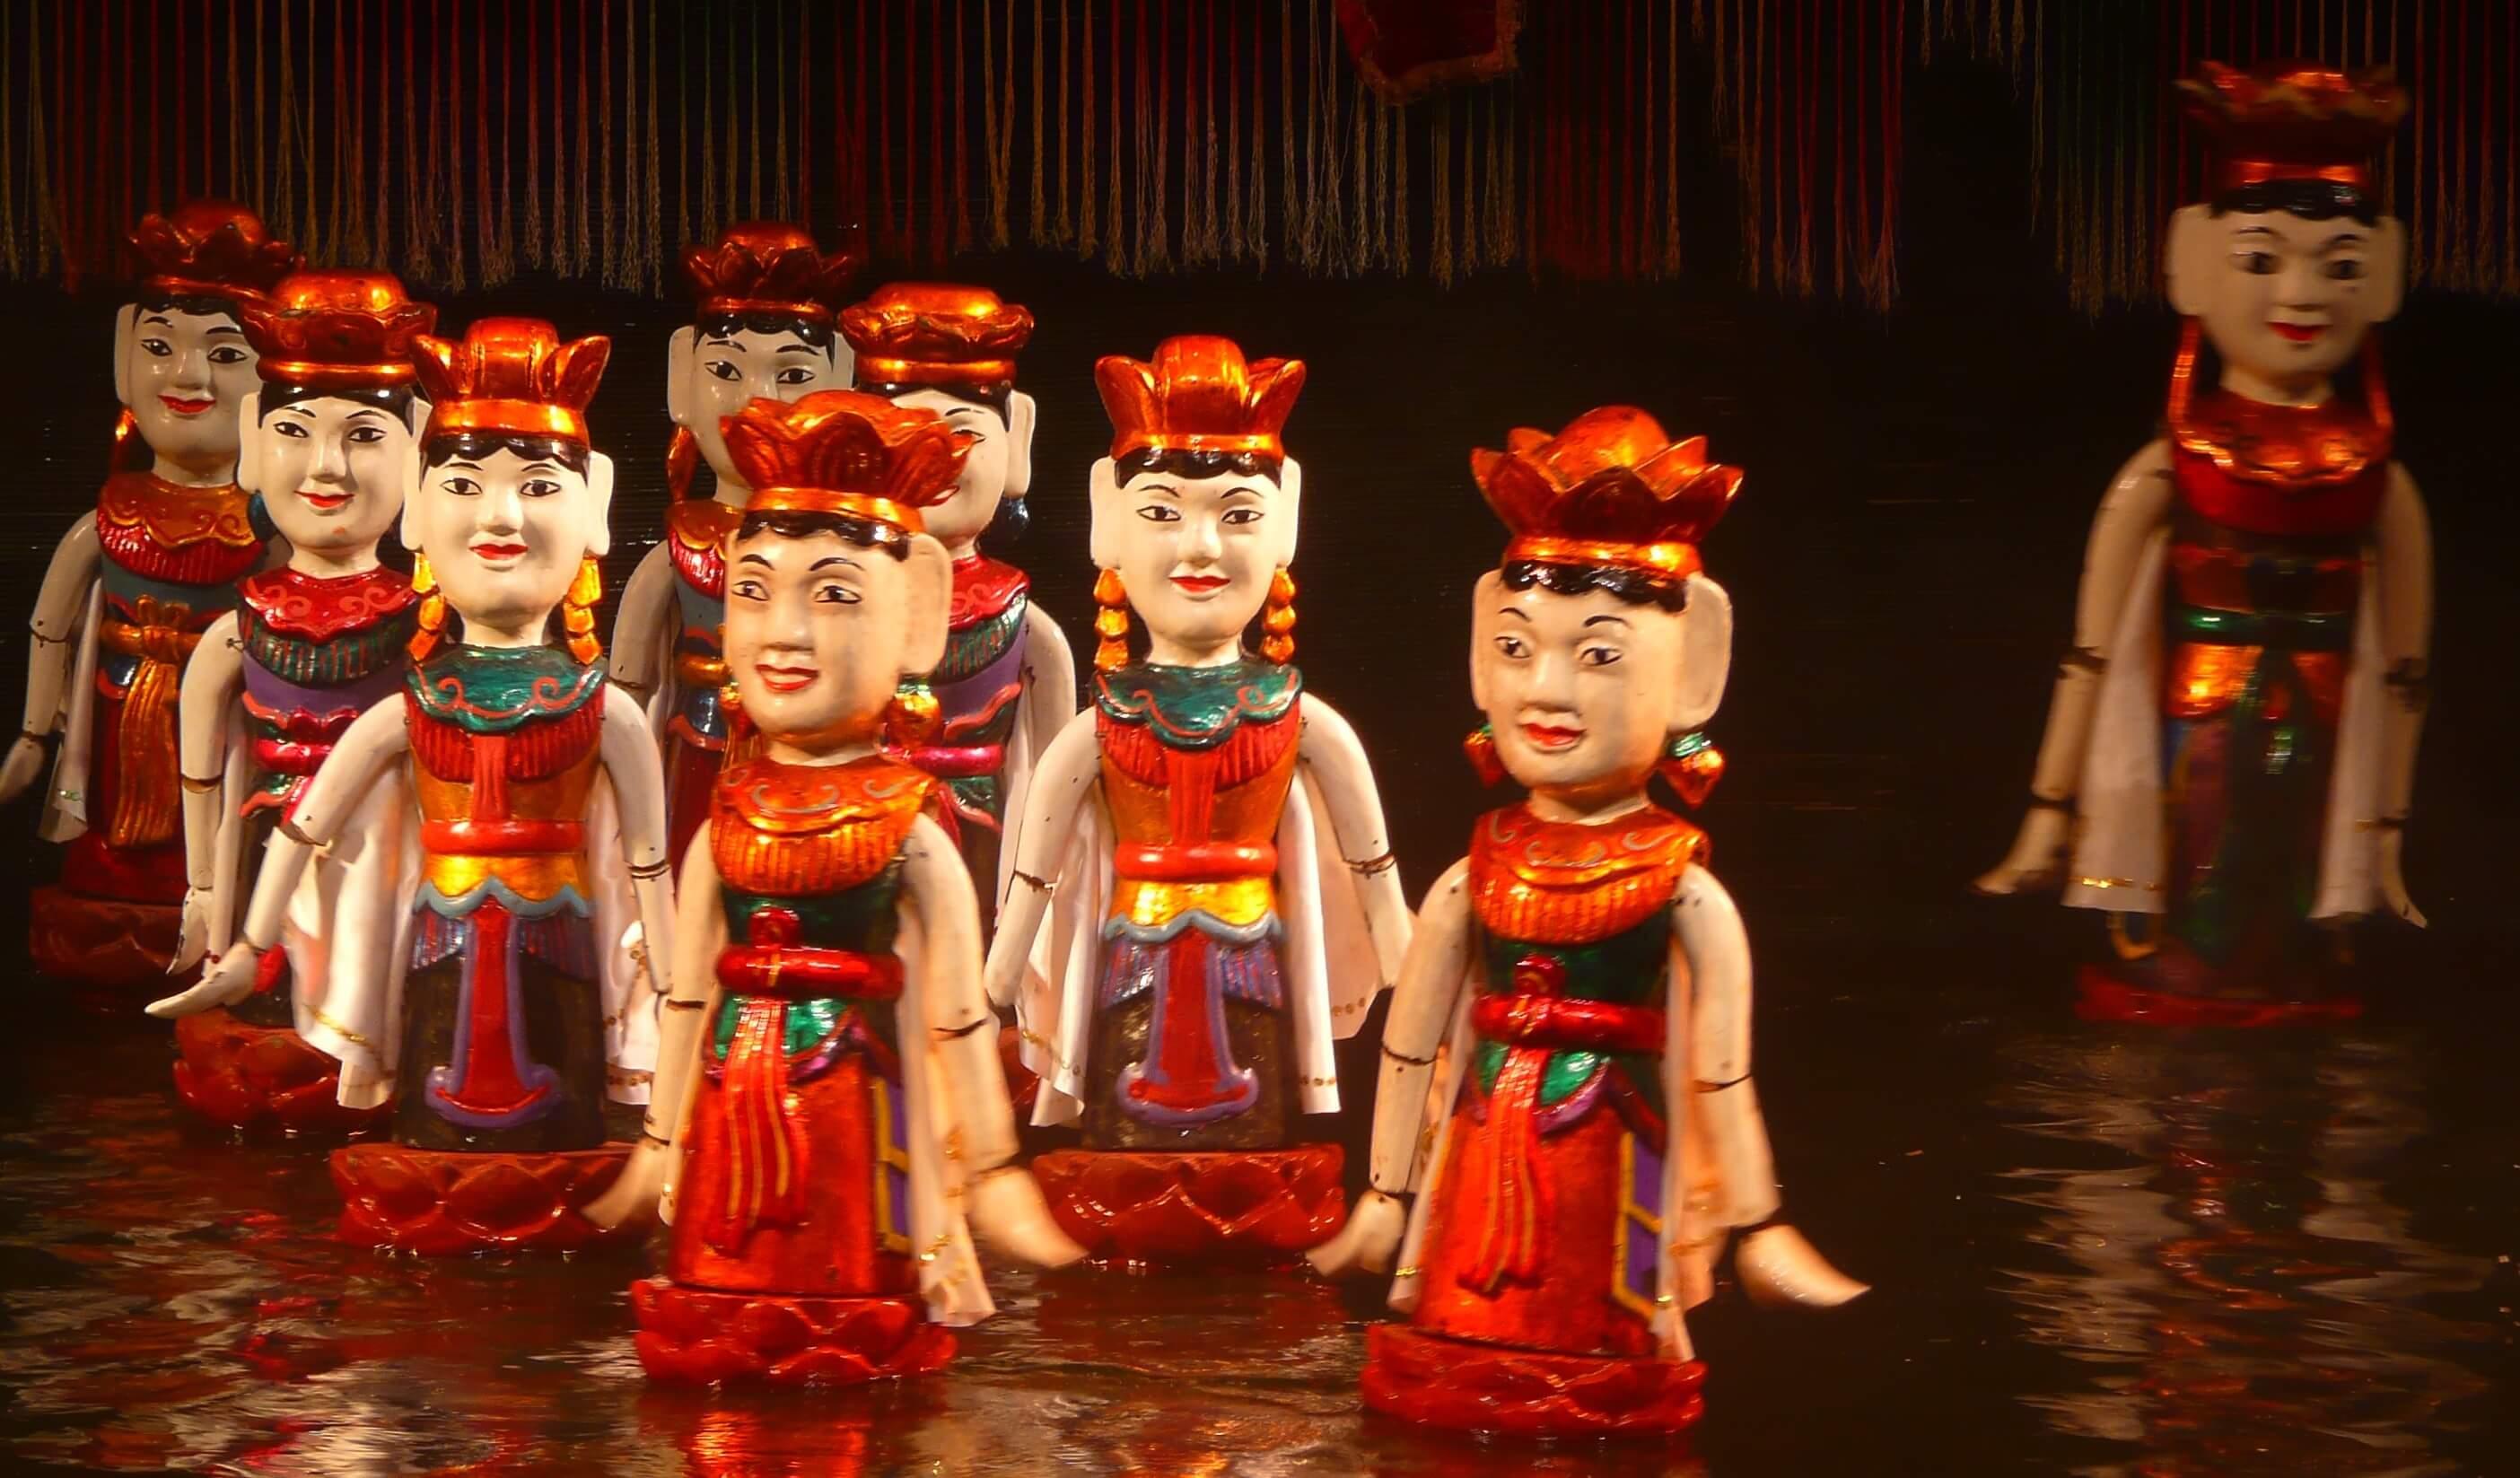 Vietnam-marionnettes.-e1456767566568